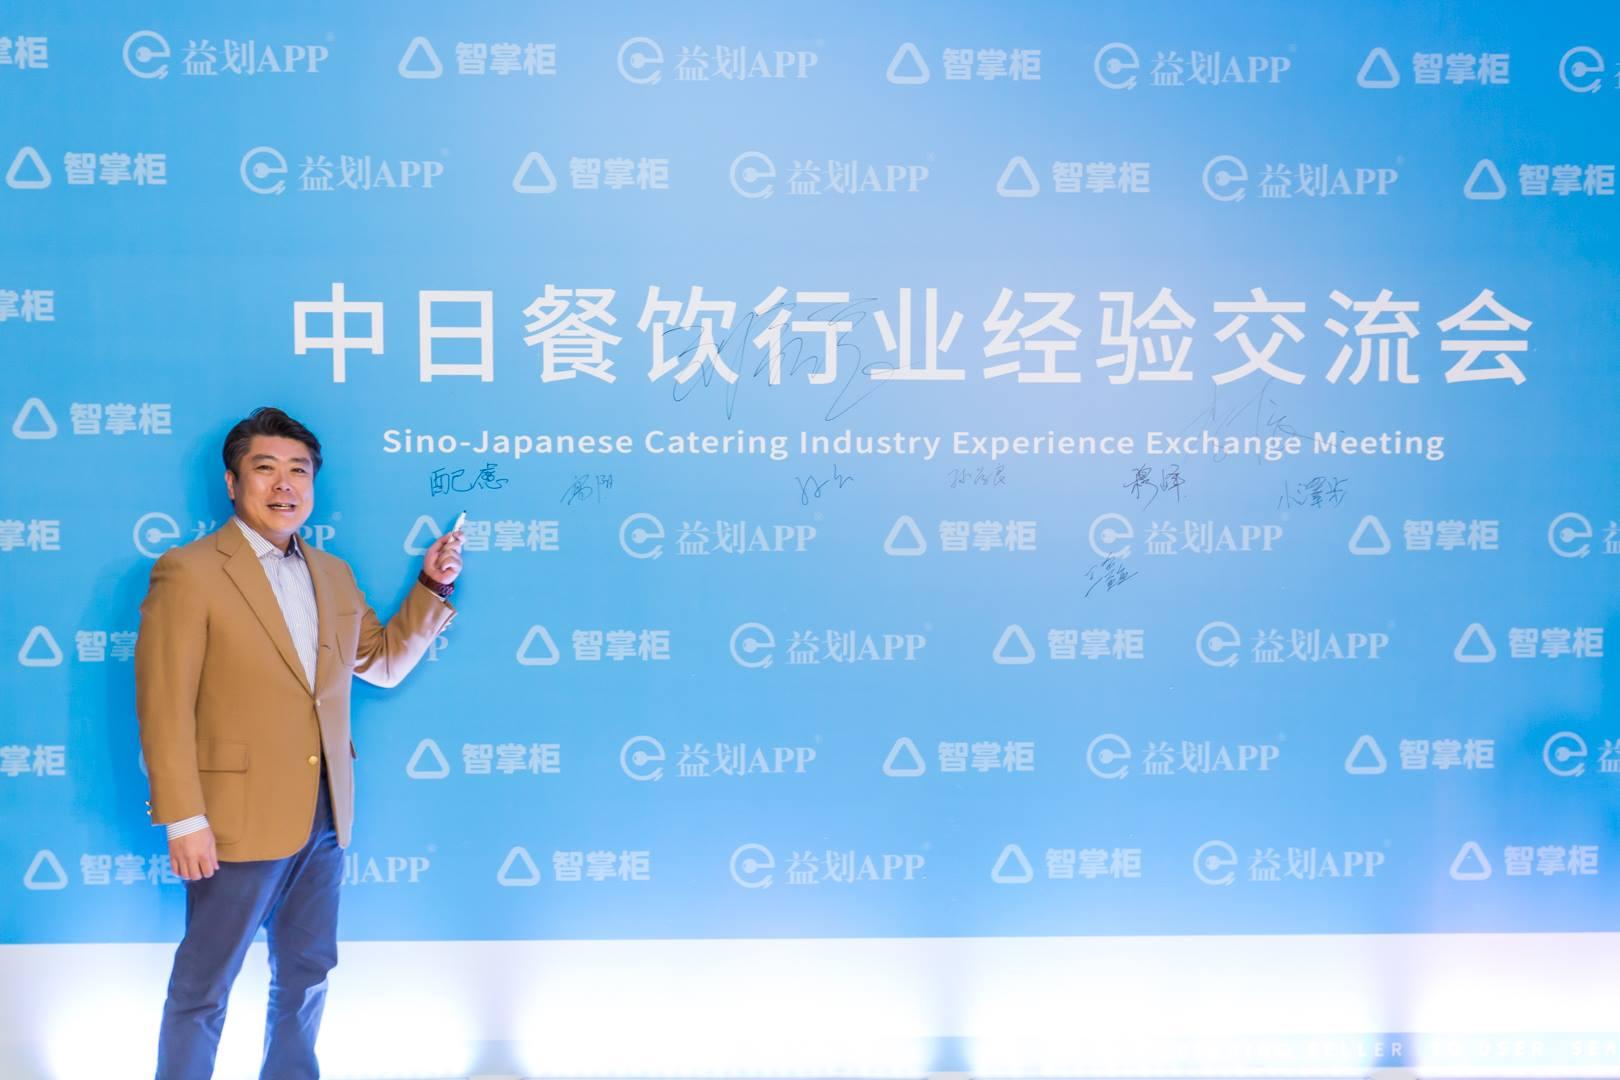 中国大連にて講演